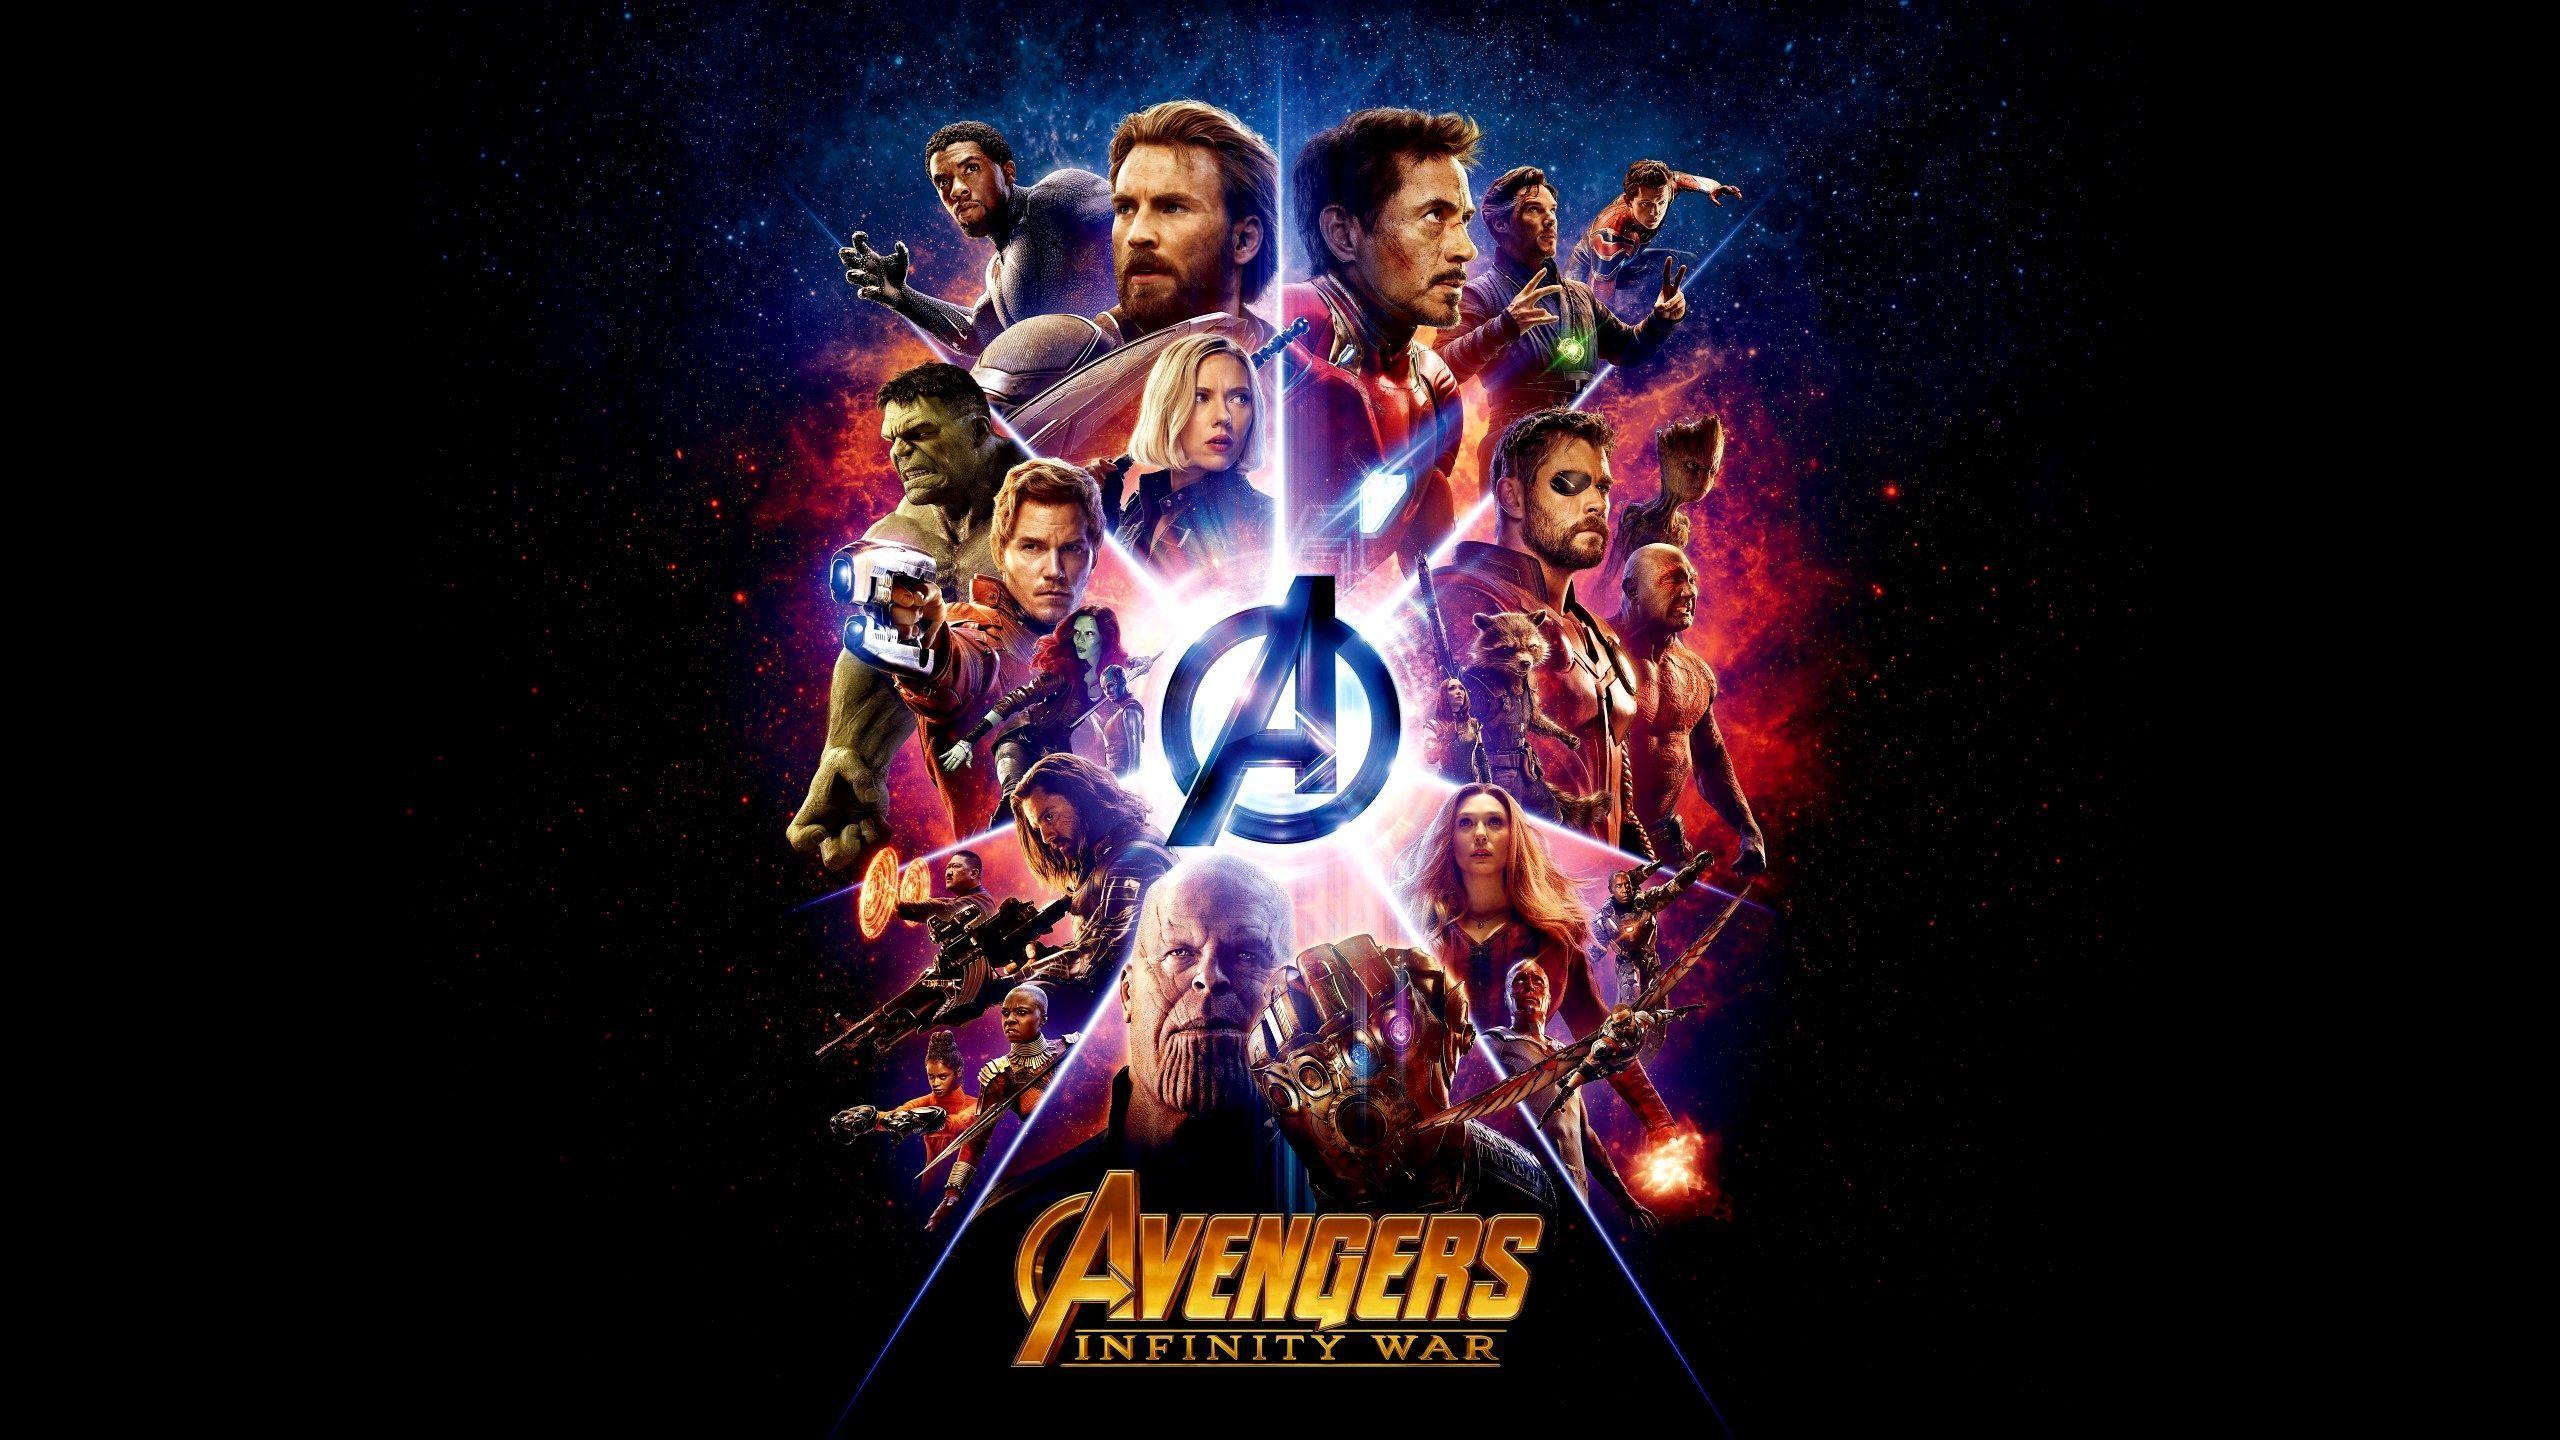 4k Hd Wallpaper Of Avengers Gallery 4k In 2020 Avengers Infinity War